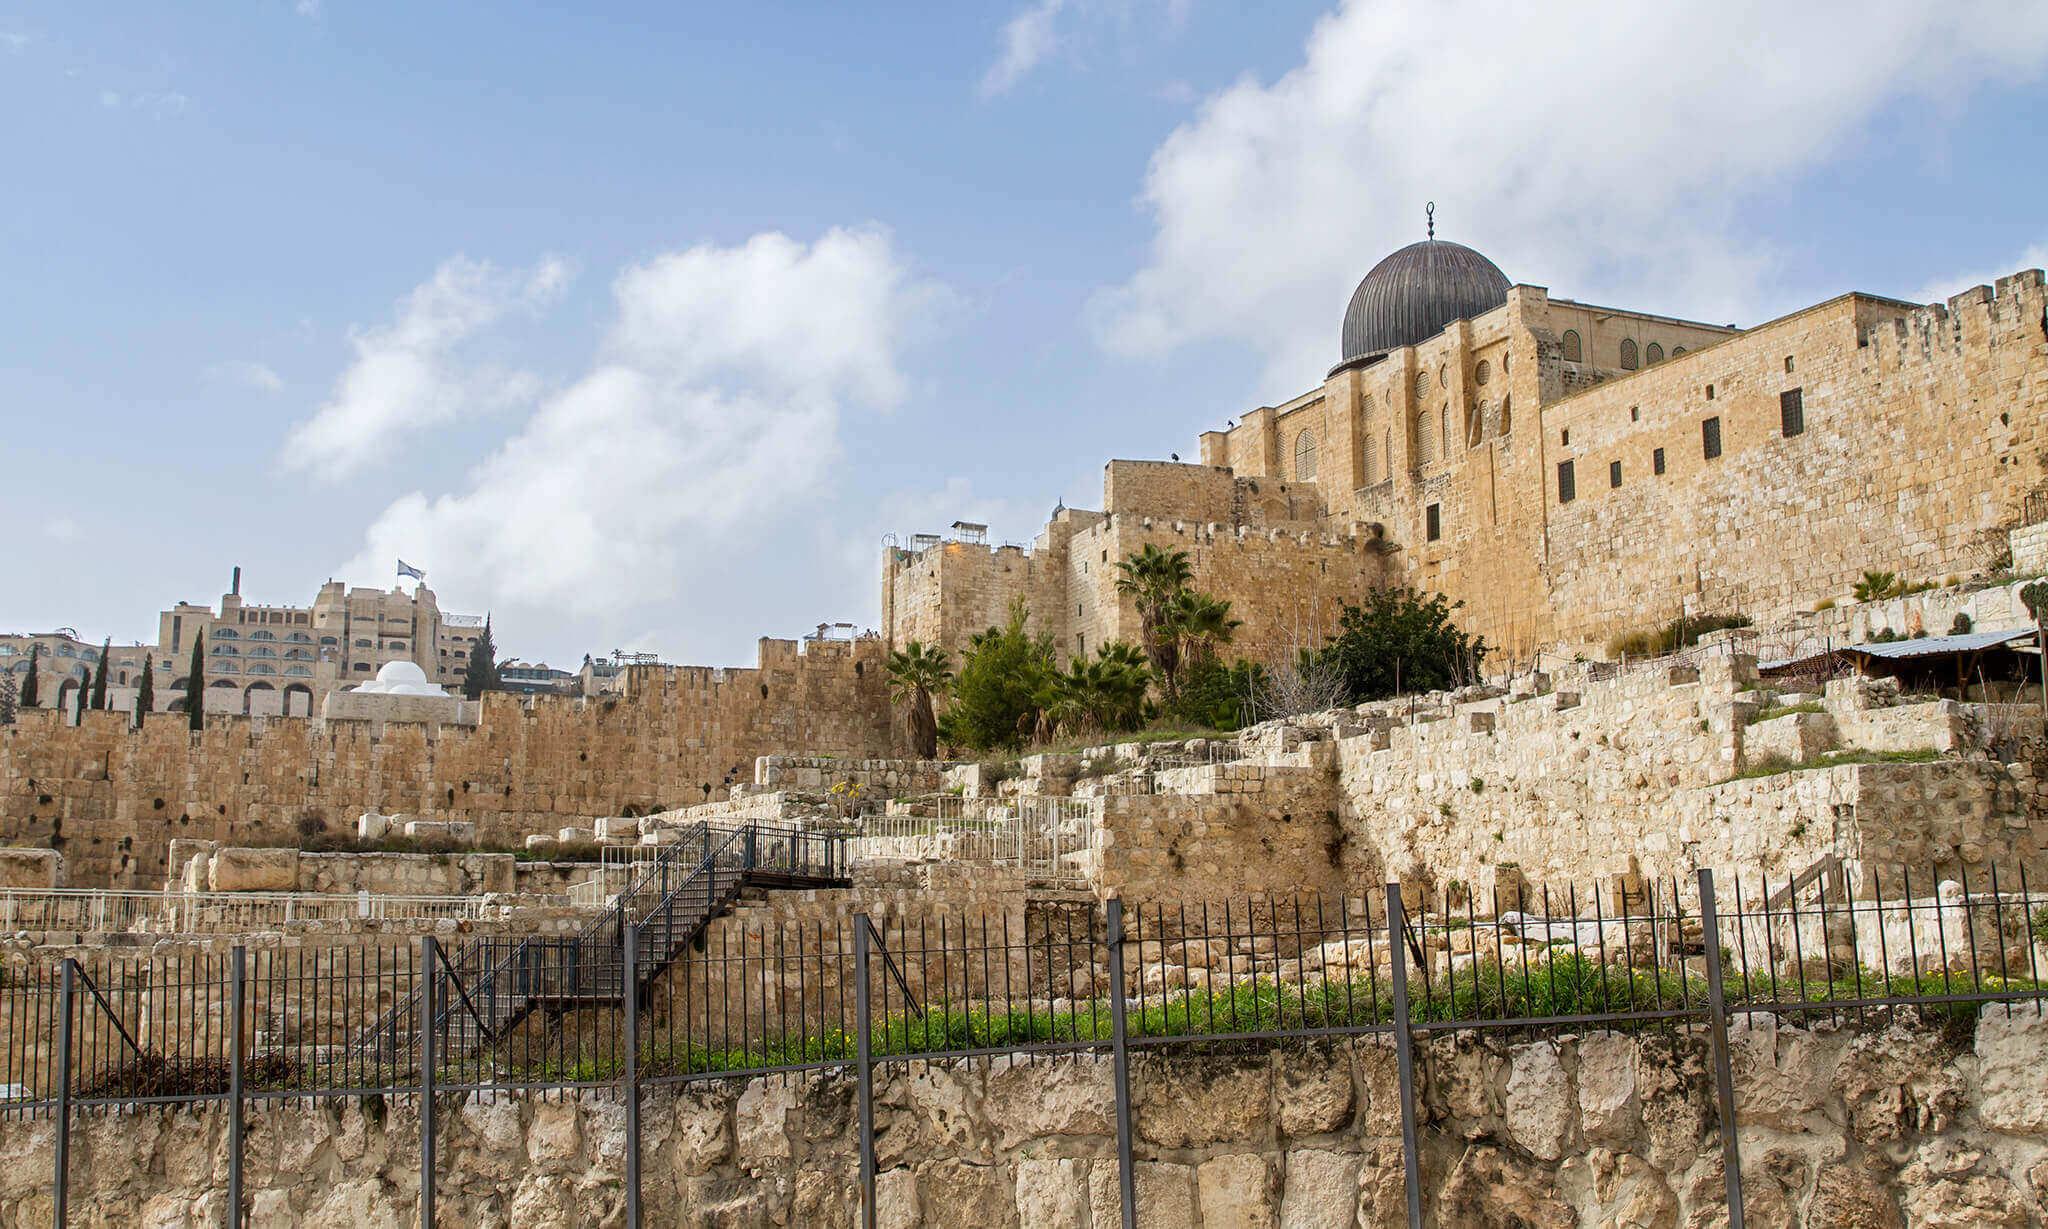 4 סיור מאפיות לילי בשכונות החרדיות ובמאה שערים בירושלים